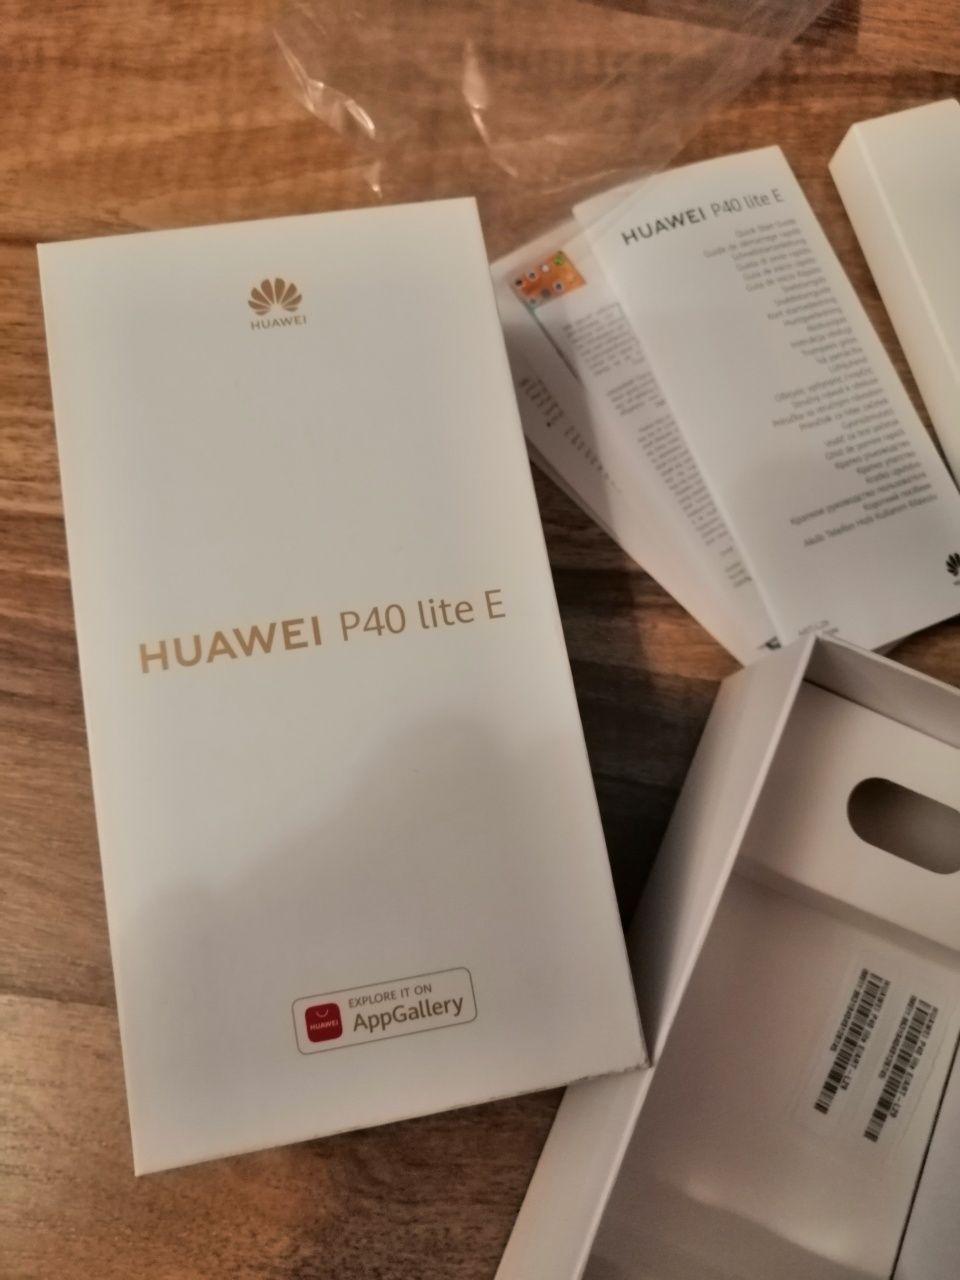 Vând cutie de Huawei P40 liteE